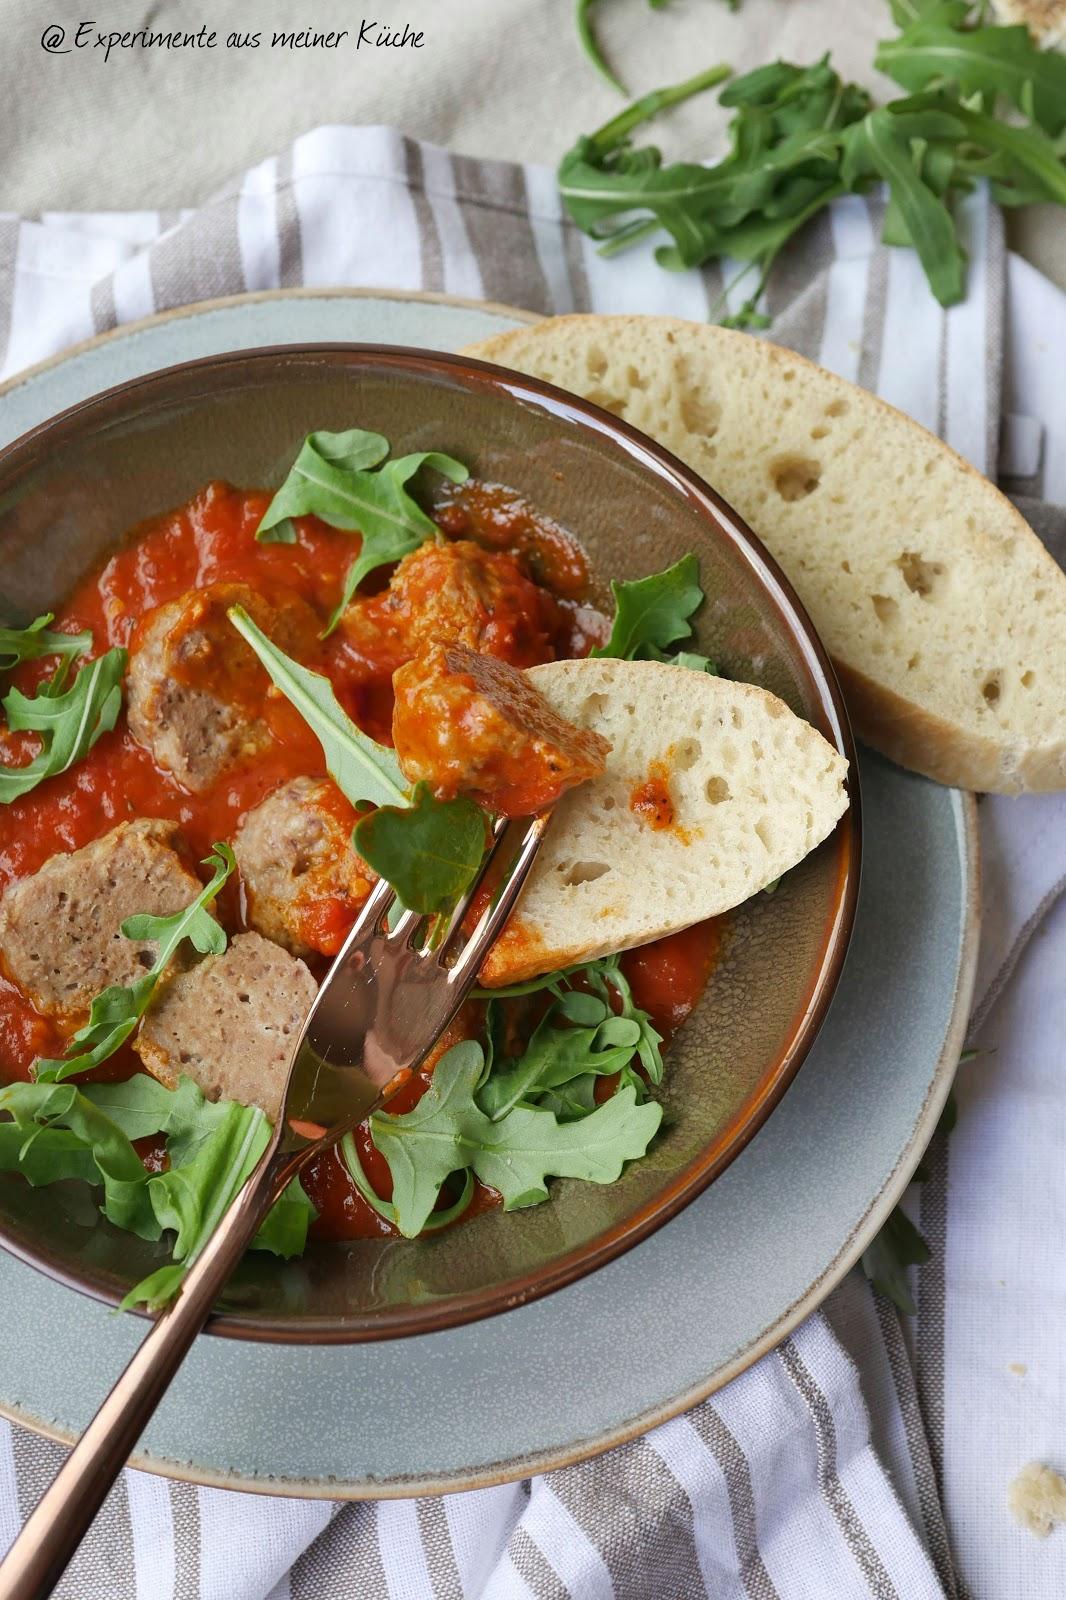 Groß Geschlagenen Küche Tomatensauce Bilder - Küchenschrank Ideen ...